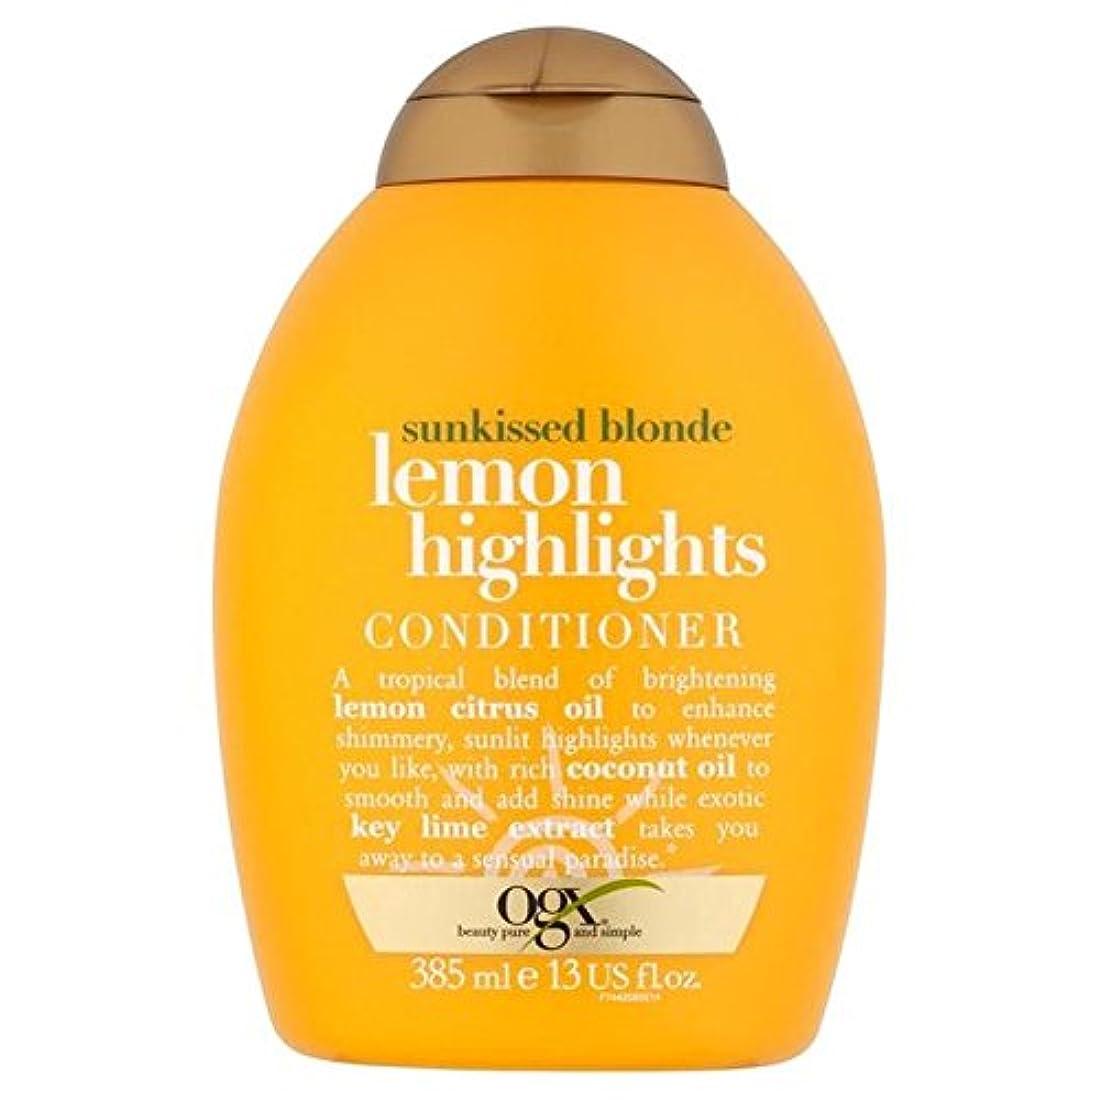 エクスタシー瞳過去ブロンドレモンハイライトコンディショナー385ミリリットル x2 - Ogx Blonde Lemon Highlights Conditioner 385ml (Pack of 2) [並行輸入品]